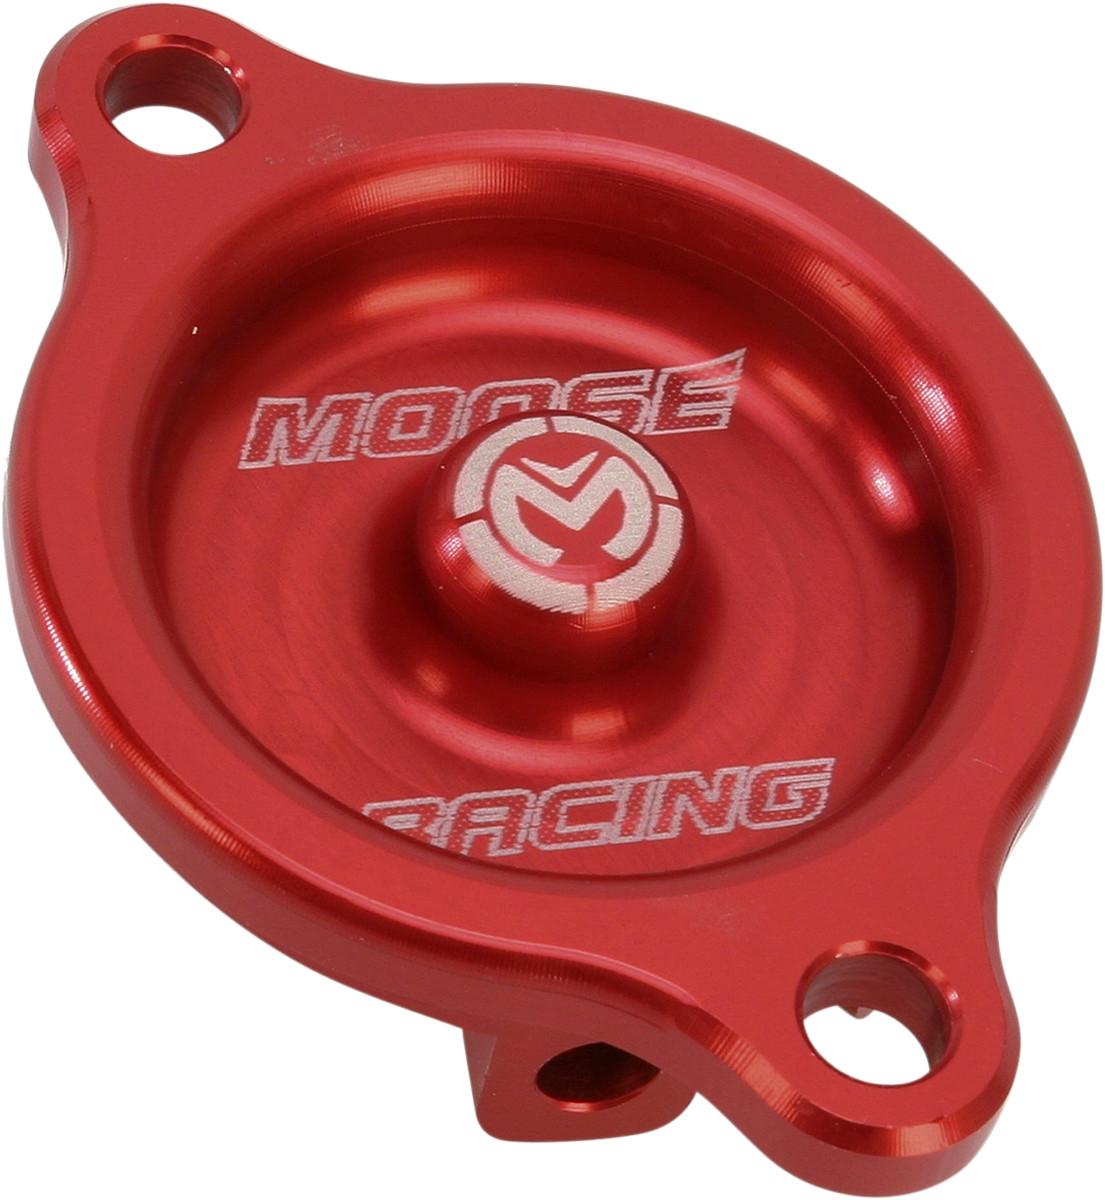 Couvercle de filtre à huile Moose Racing magnétique Honda CRF 250R 10-